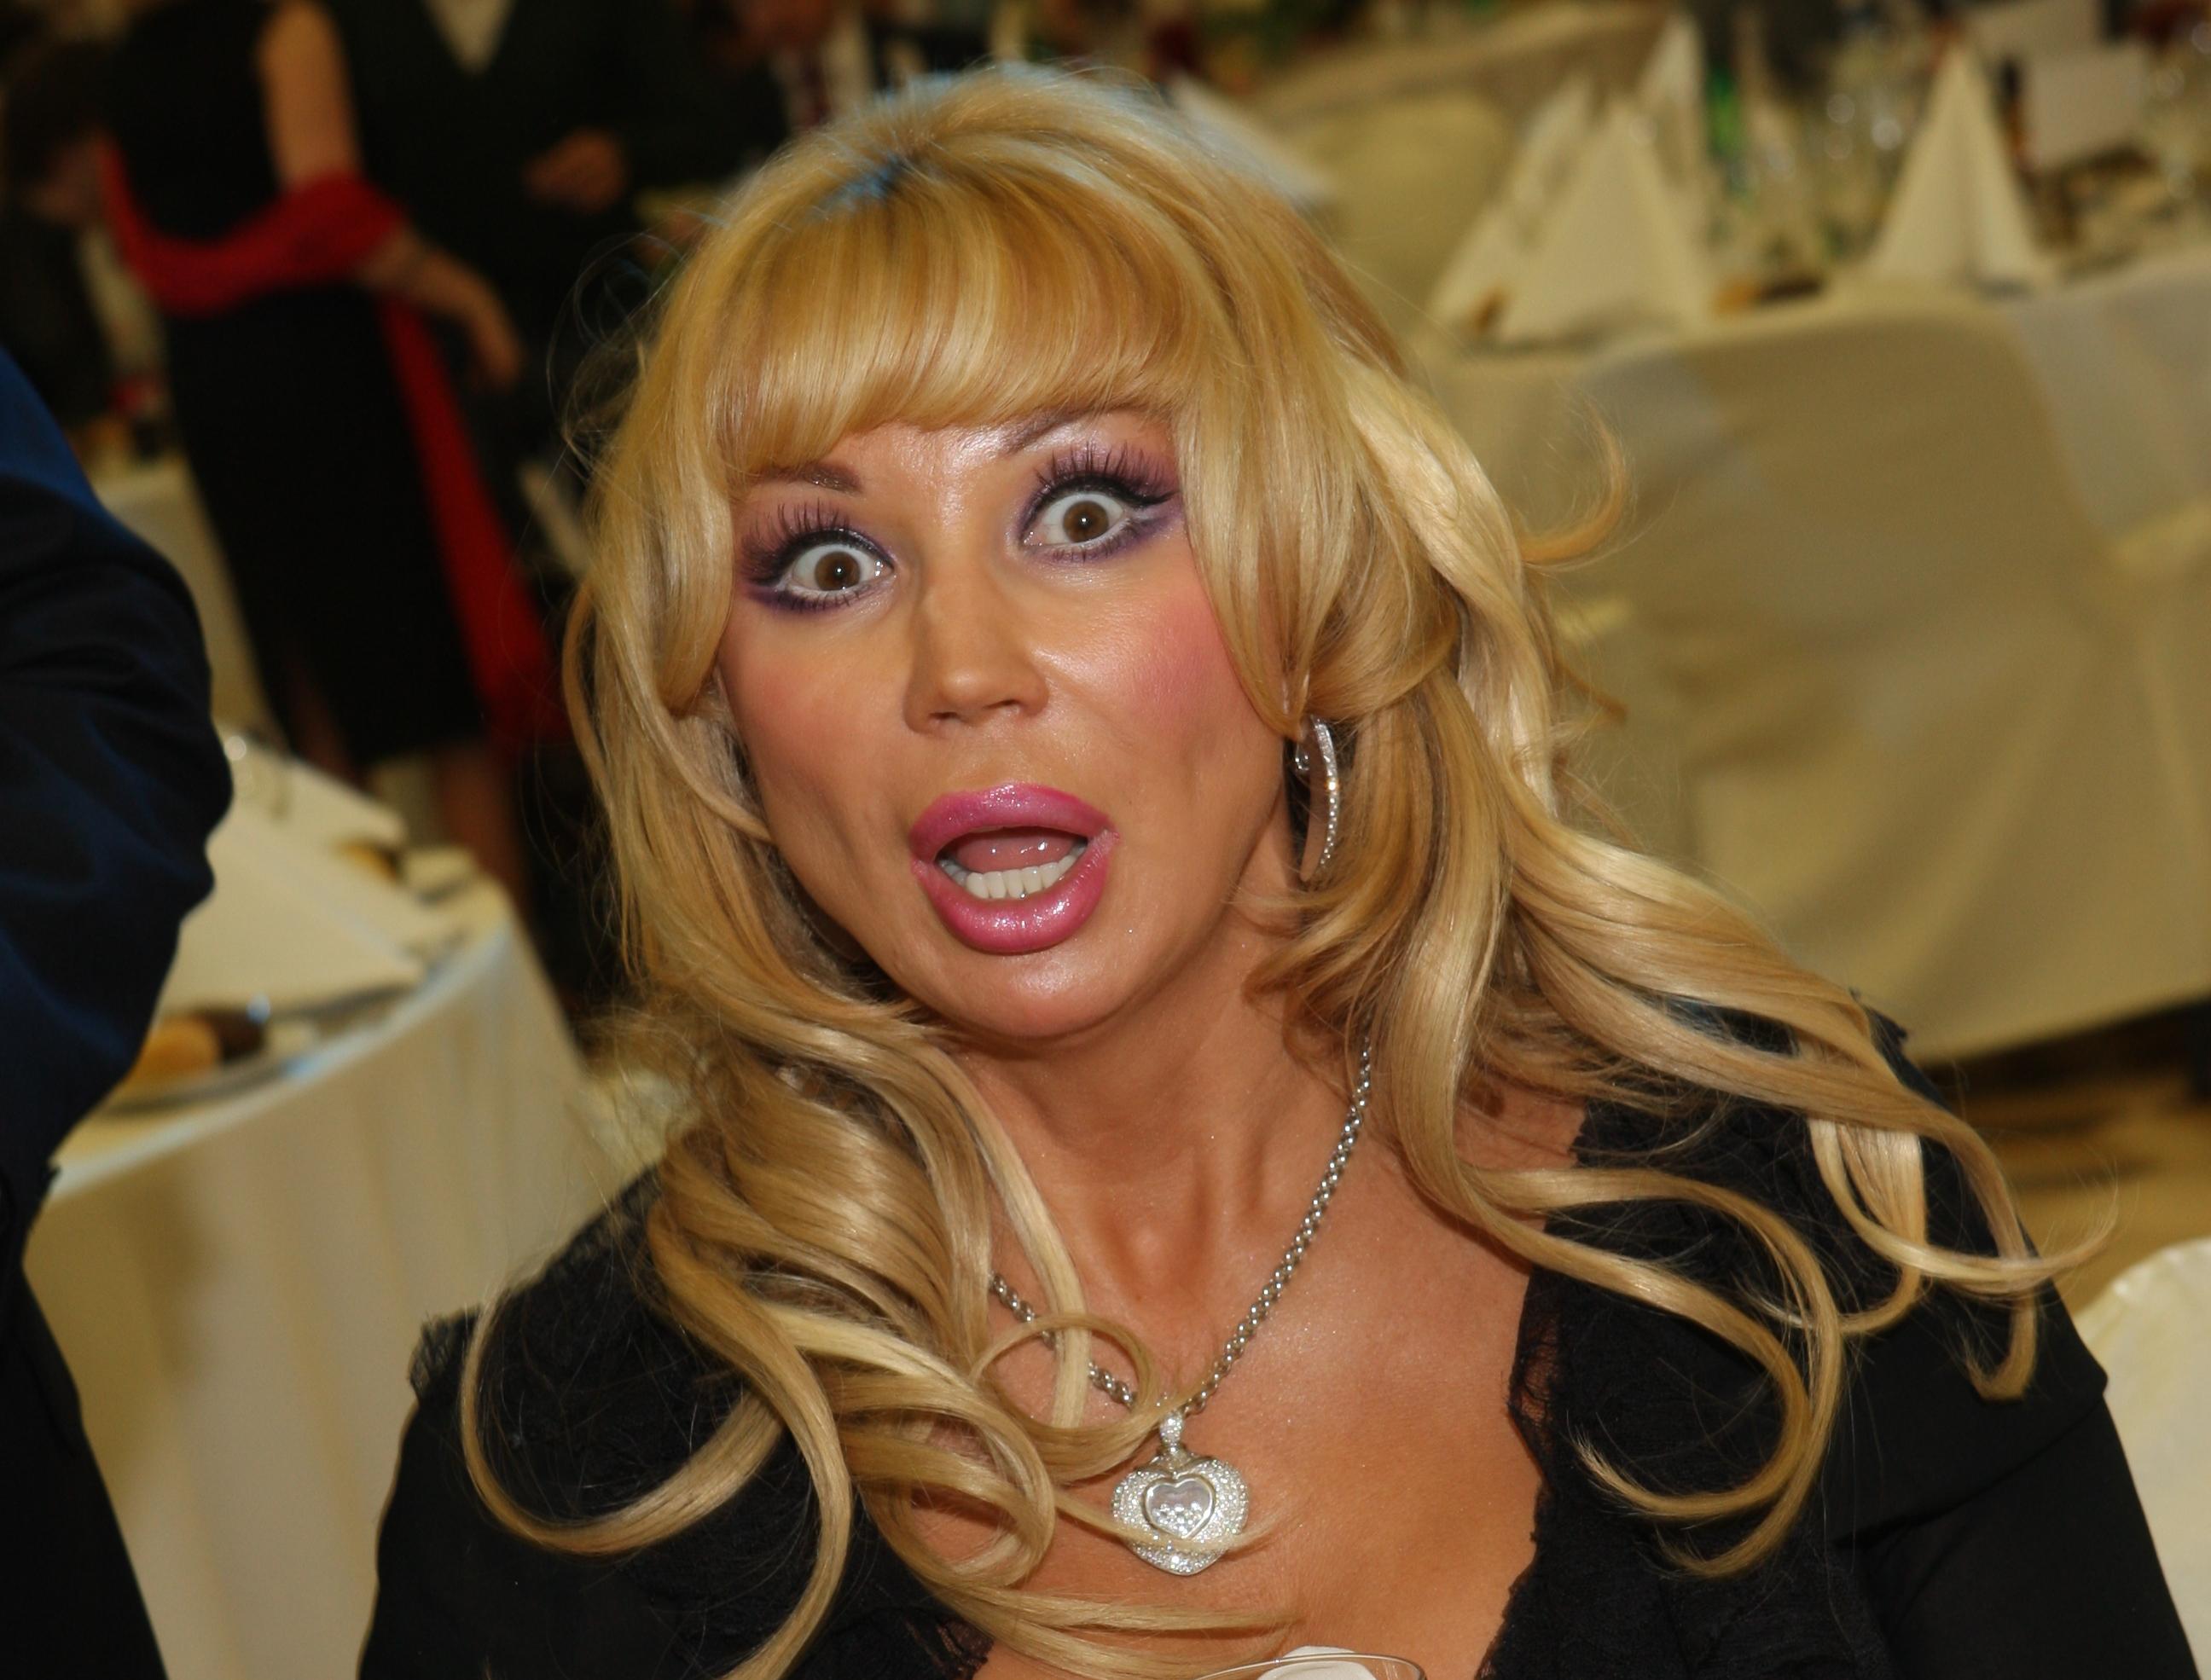 Смотреть в онлайн бесплатно клипы известных российских певиц только в мини юбках 27 фотография